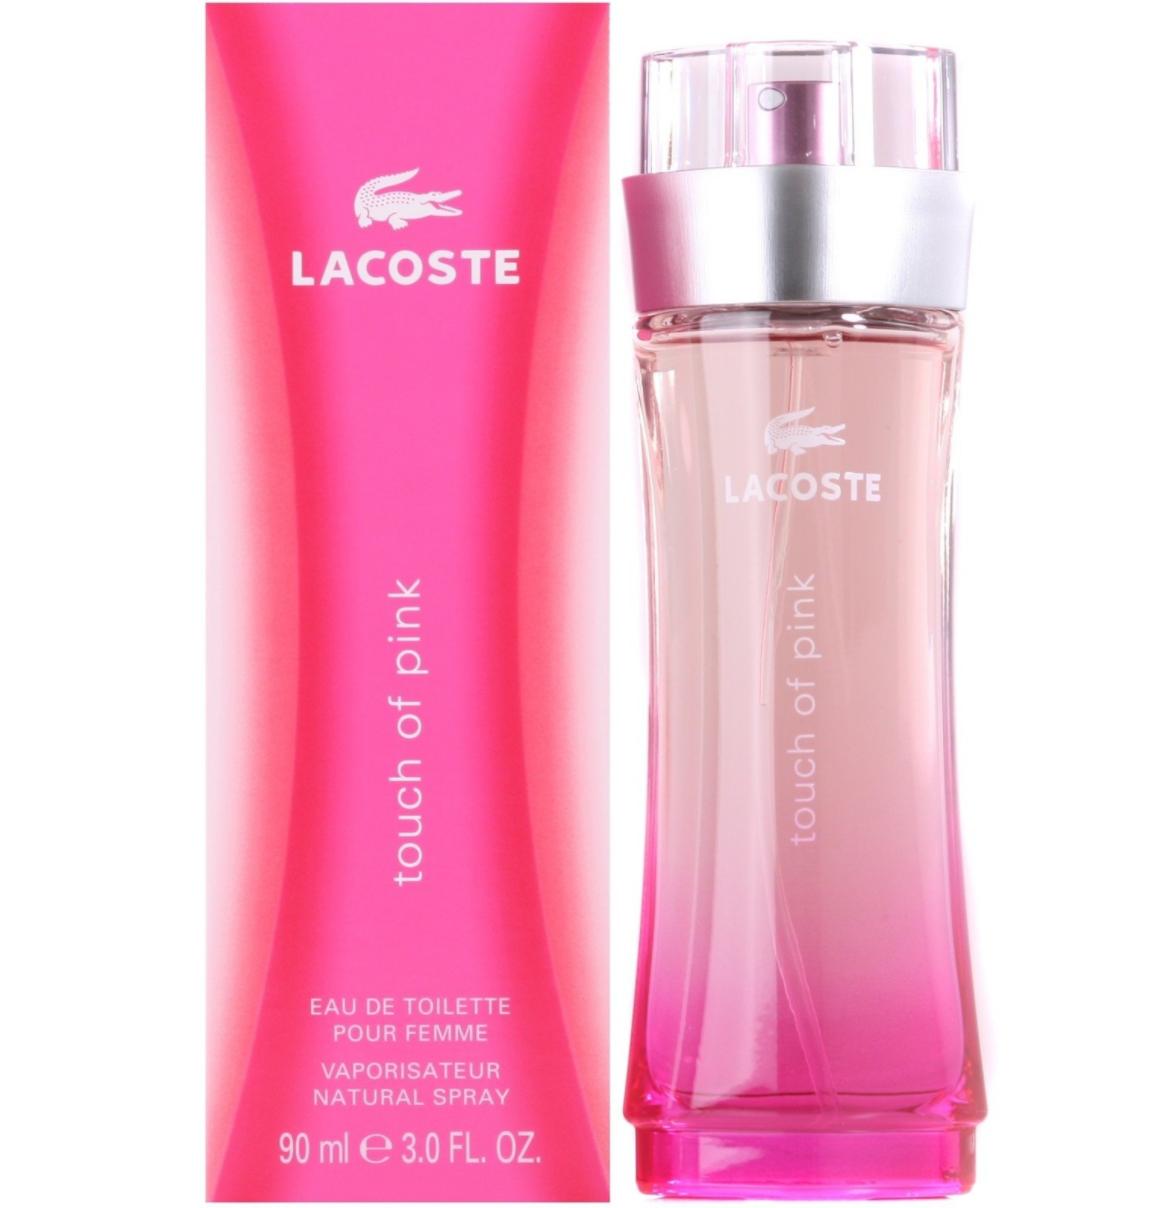 Lacoste - Touch of Pink - Eau de Toilette